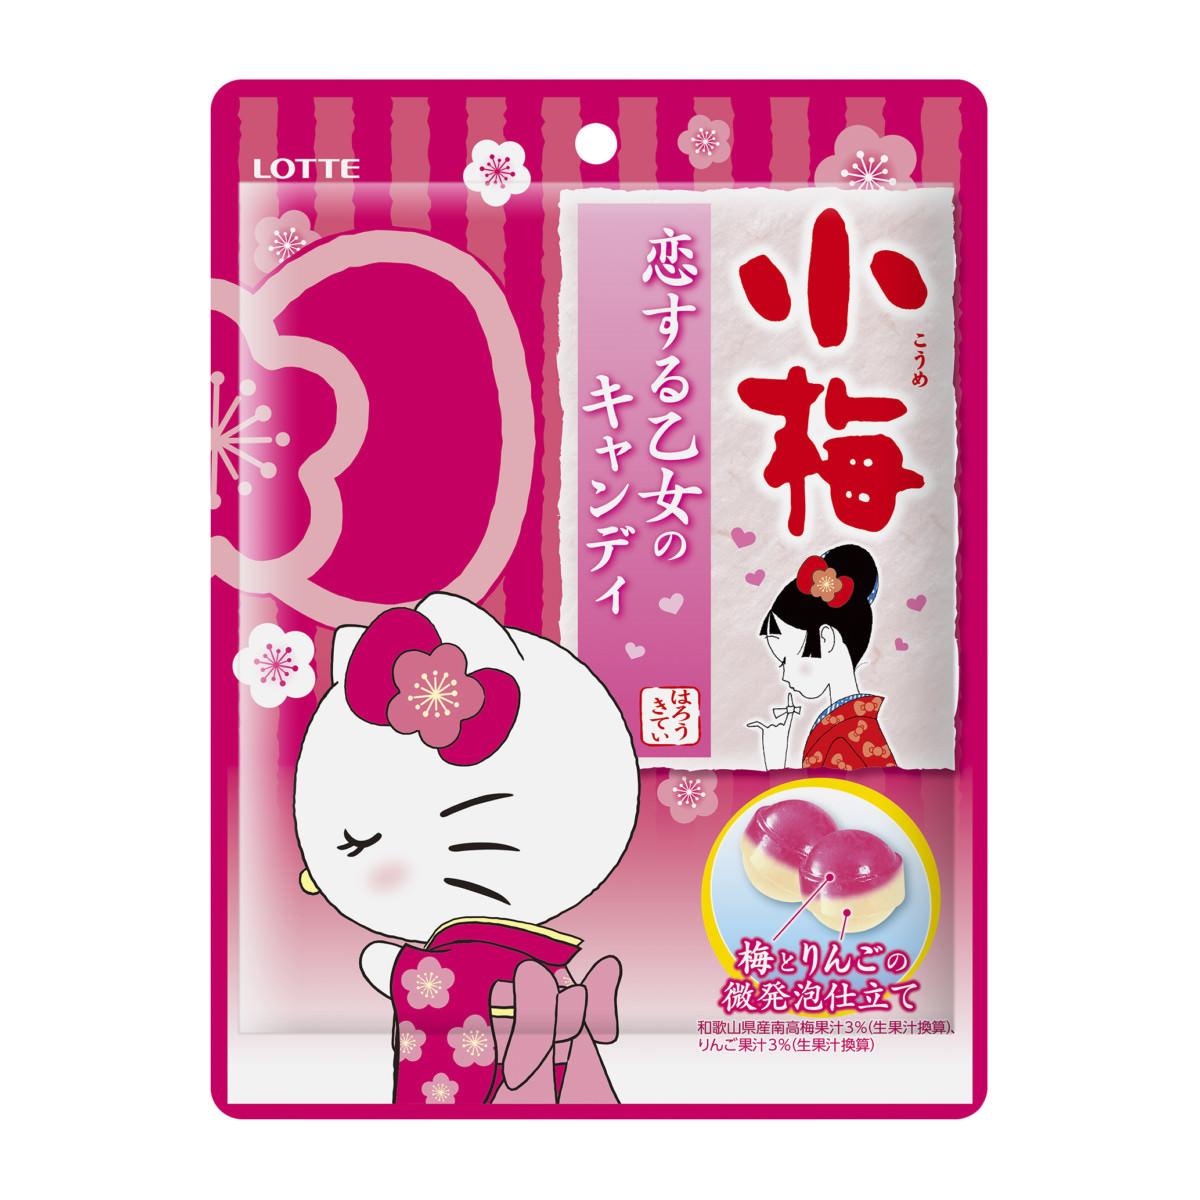 小梅とハローキティ 恋する乙女のキャンディ キティ